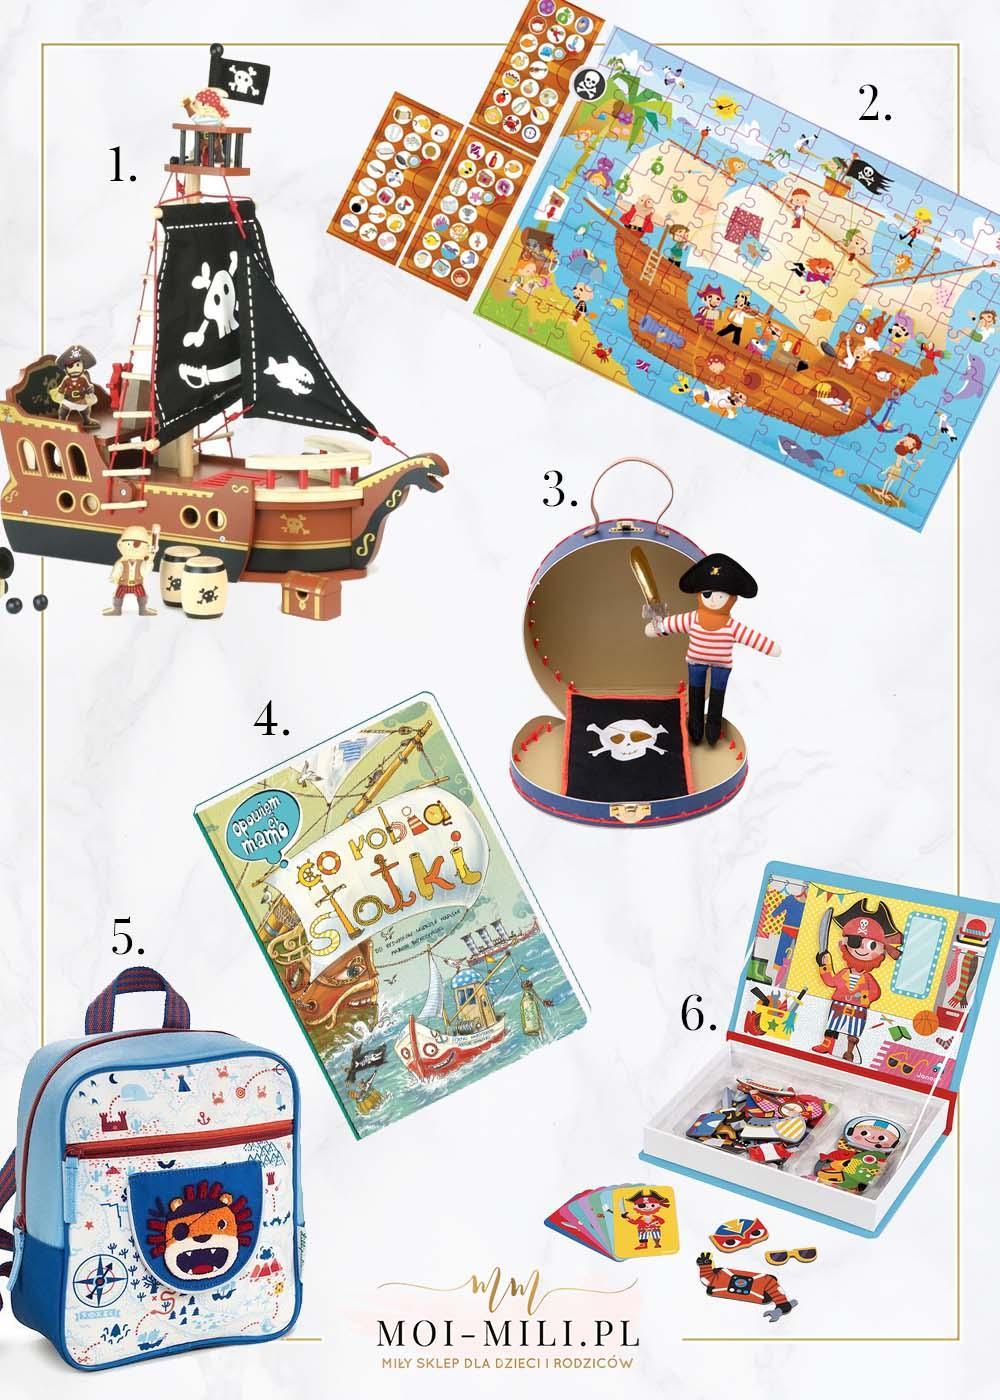 Propozycję na prezent dla 4 zainteresowanego piratami.